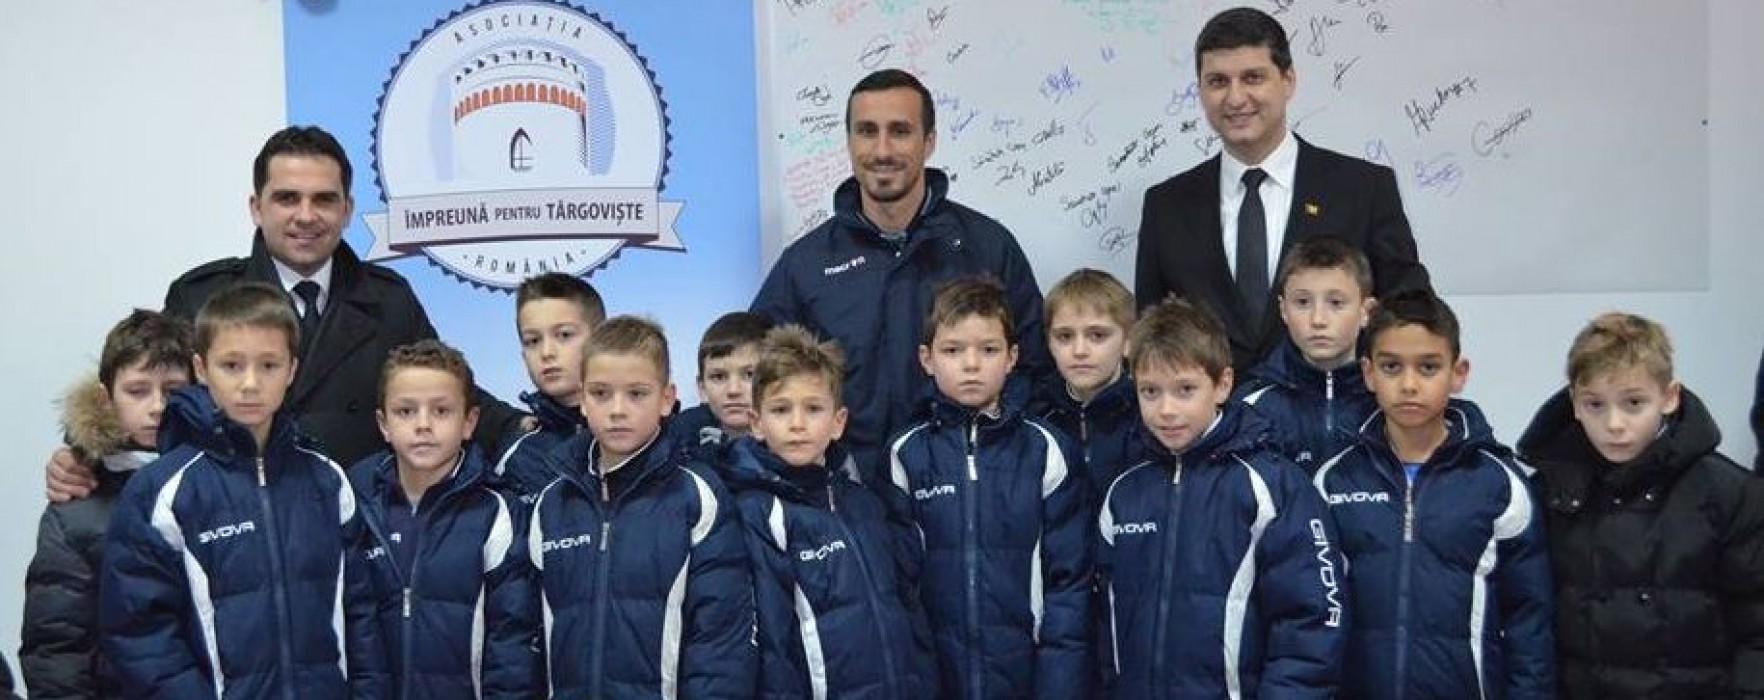 Clubul Sportiv Kinder Târgovişte, donaţii pentru salvarea lui Cezar